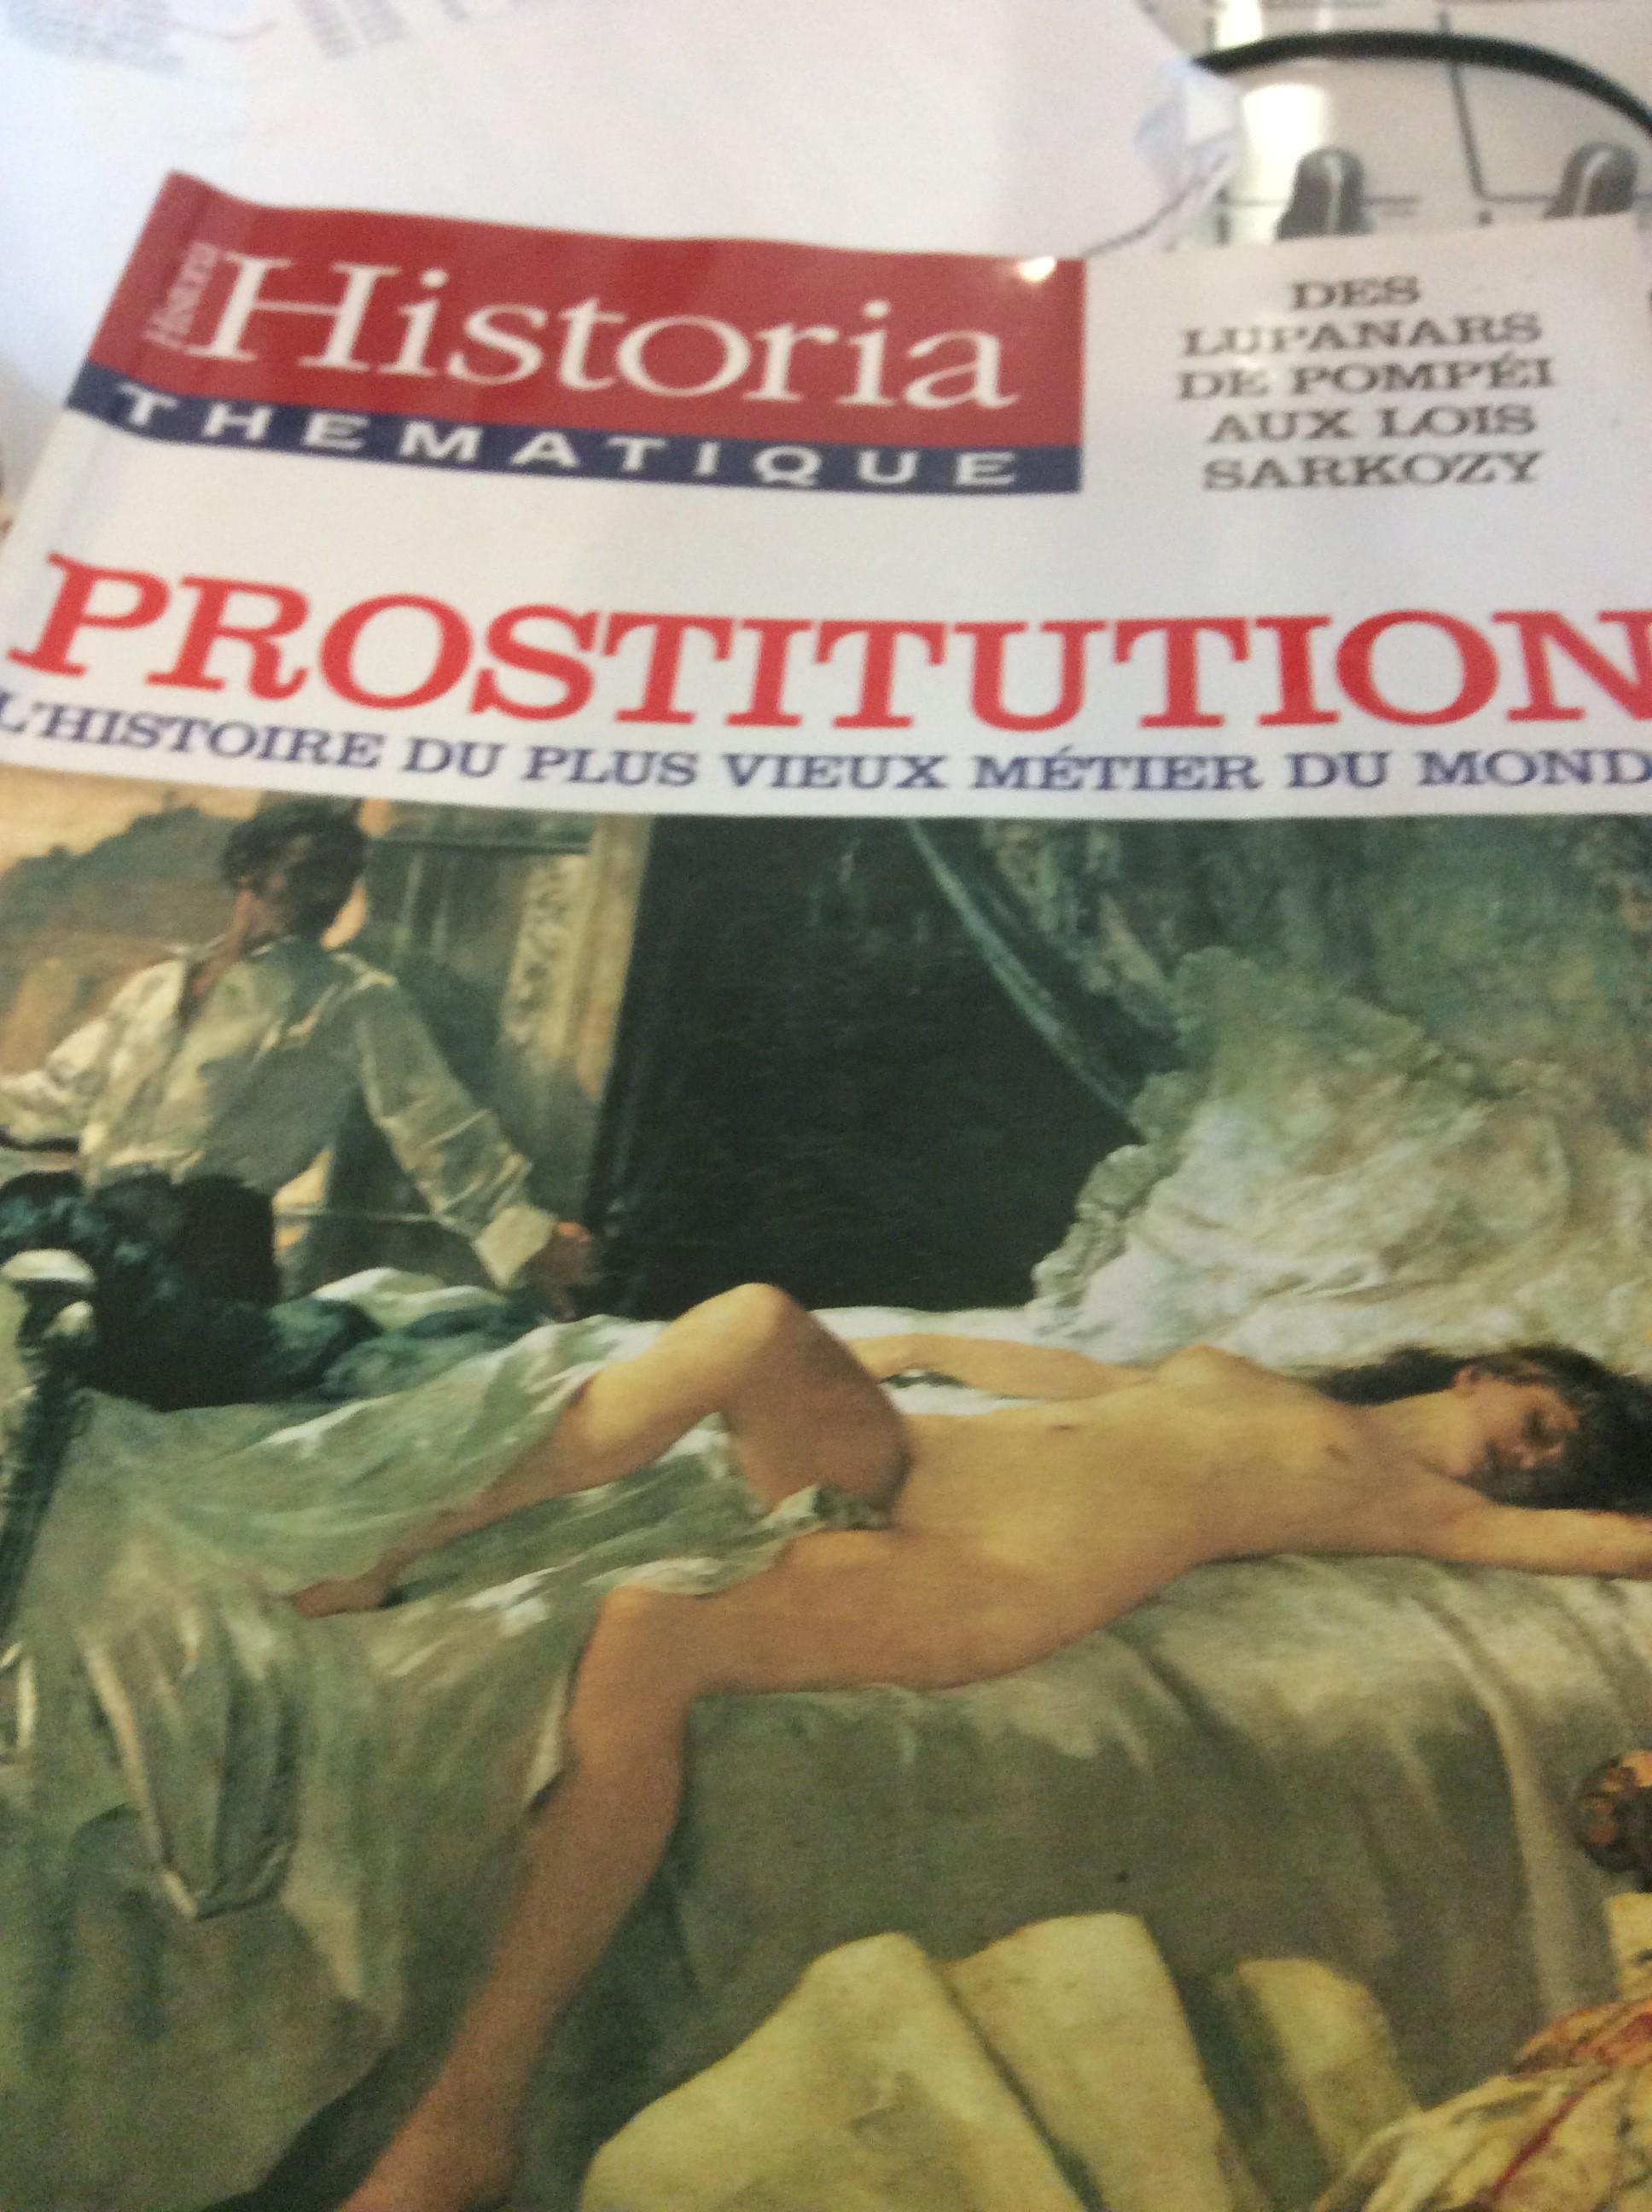 histoire de France et d'ailleurs la prostitution rené joseph irmana 250518